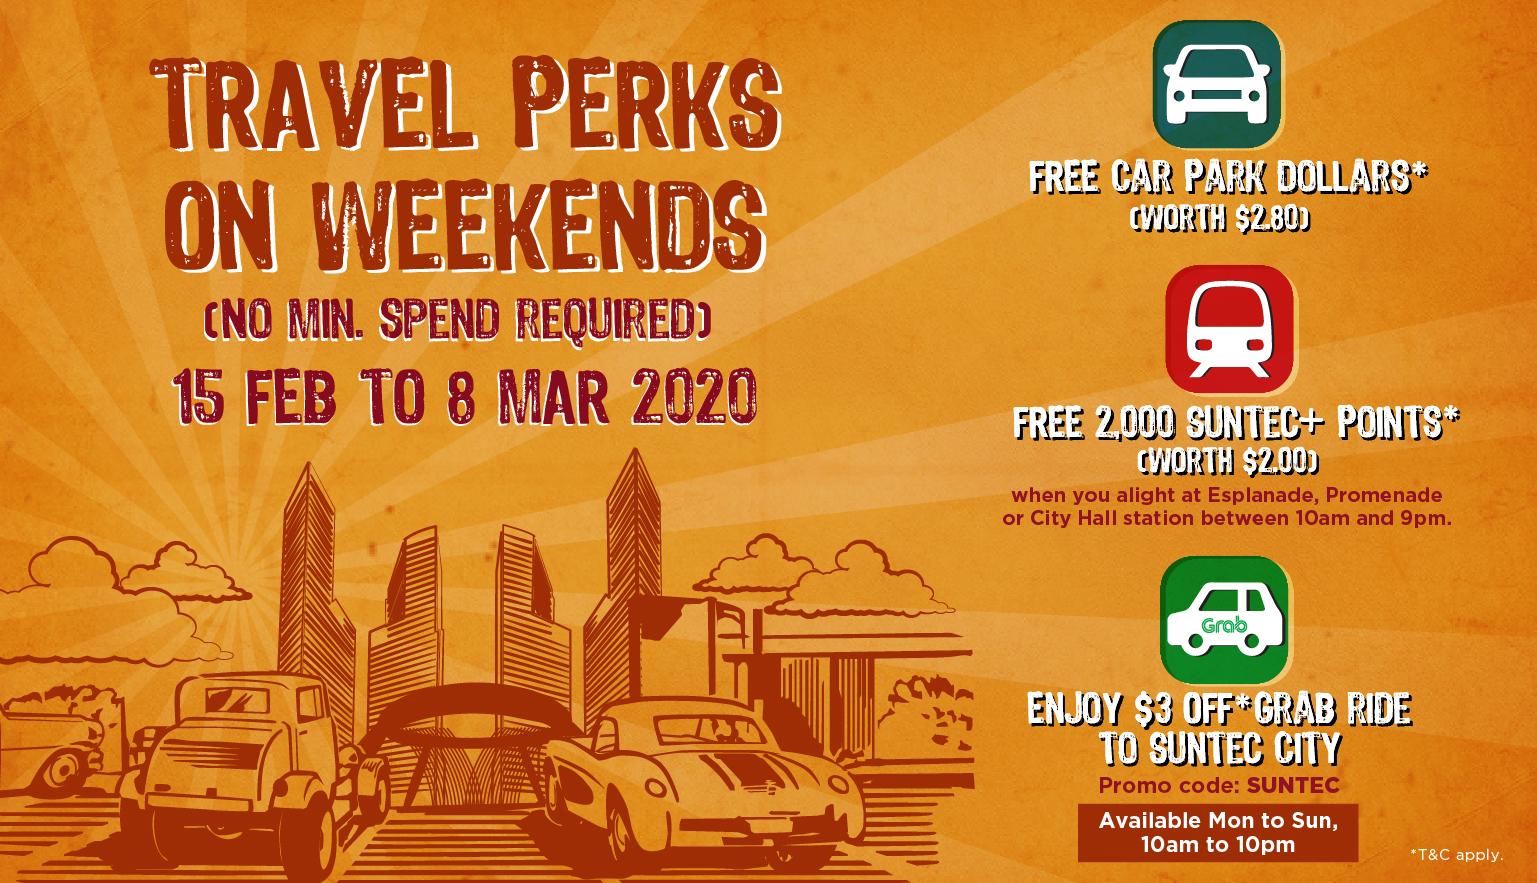 weekend travel perks